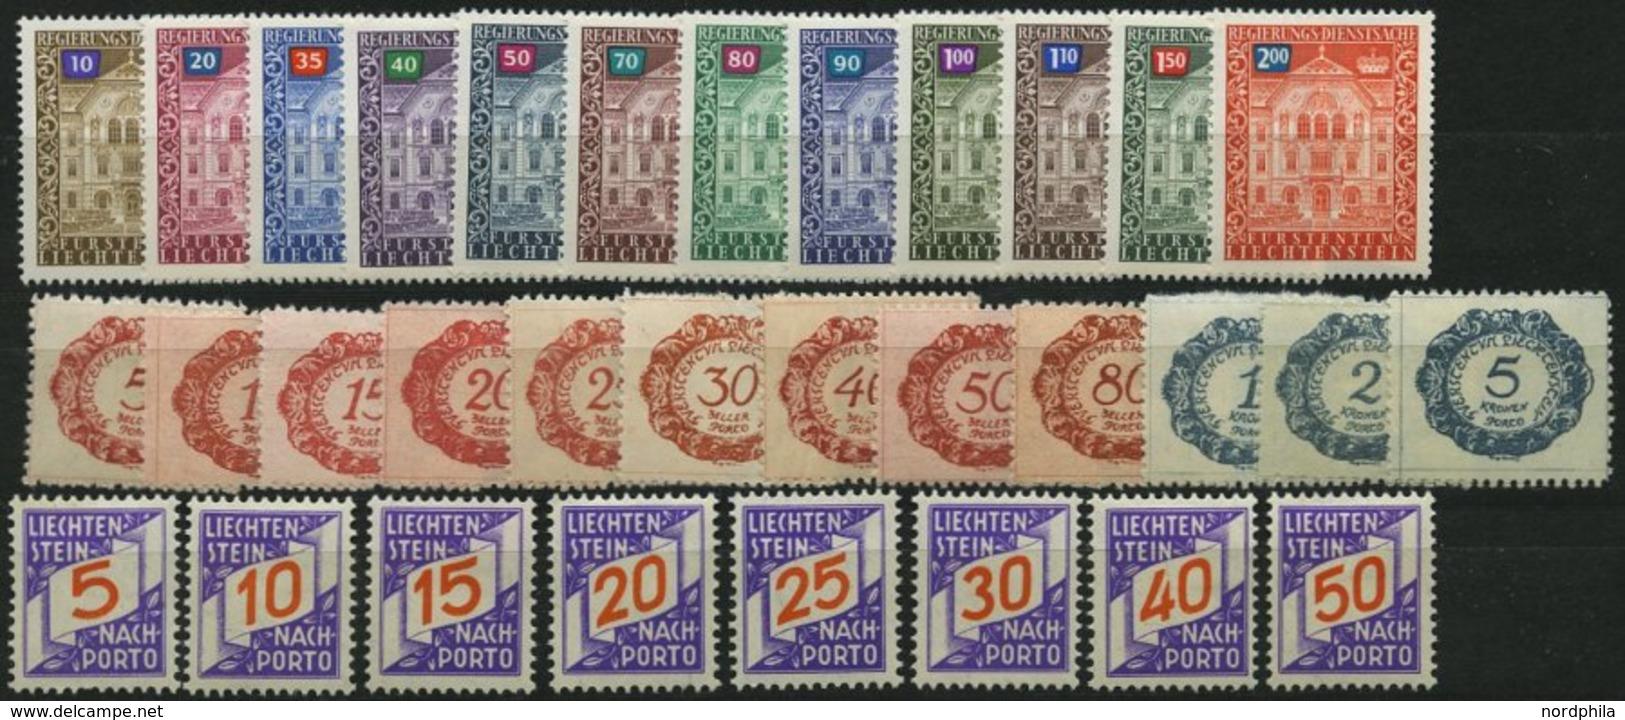 SAMMLUNGEN, LOTS *, **, Fast Kompletter Ungebrauchter Sammnlungsteil Liechtenstein Von 1971-86 Incl. Dienst- Und Portoma - Liechtenstein